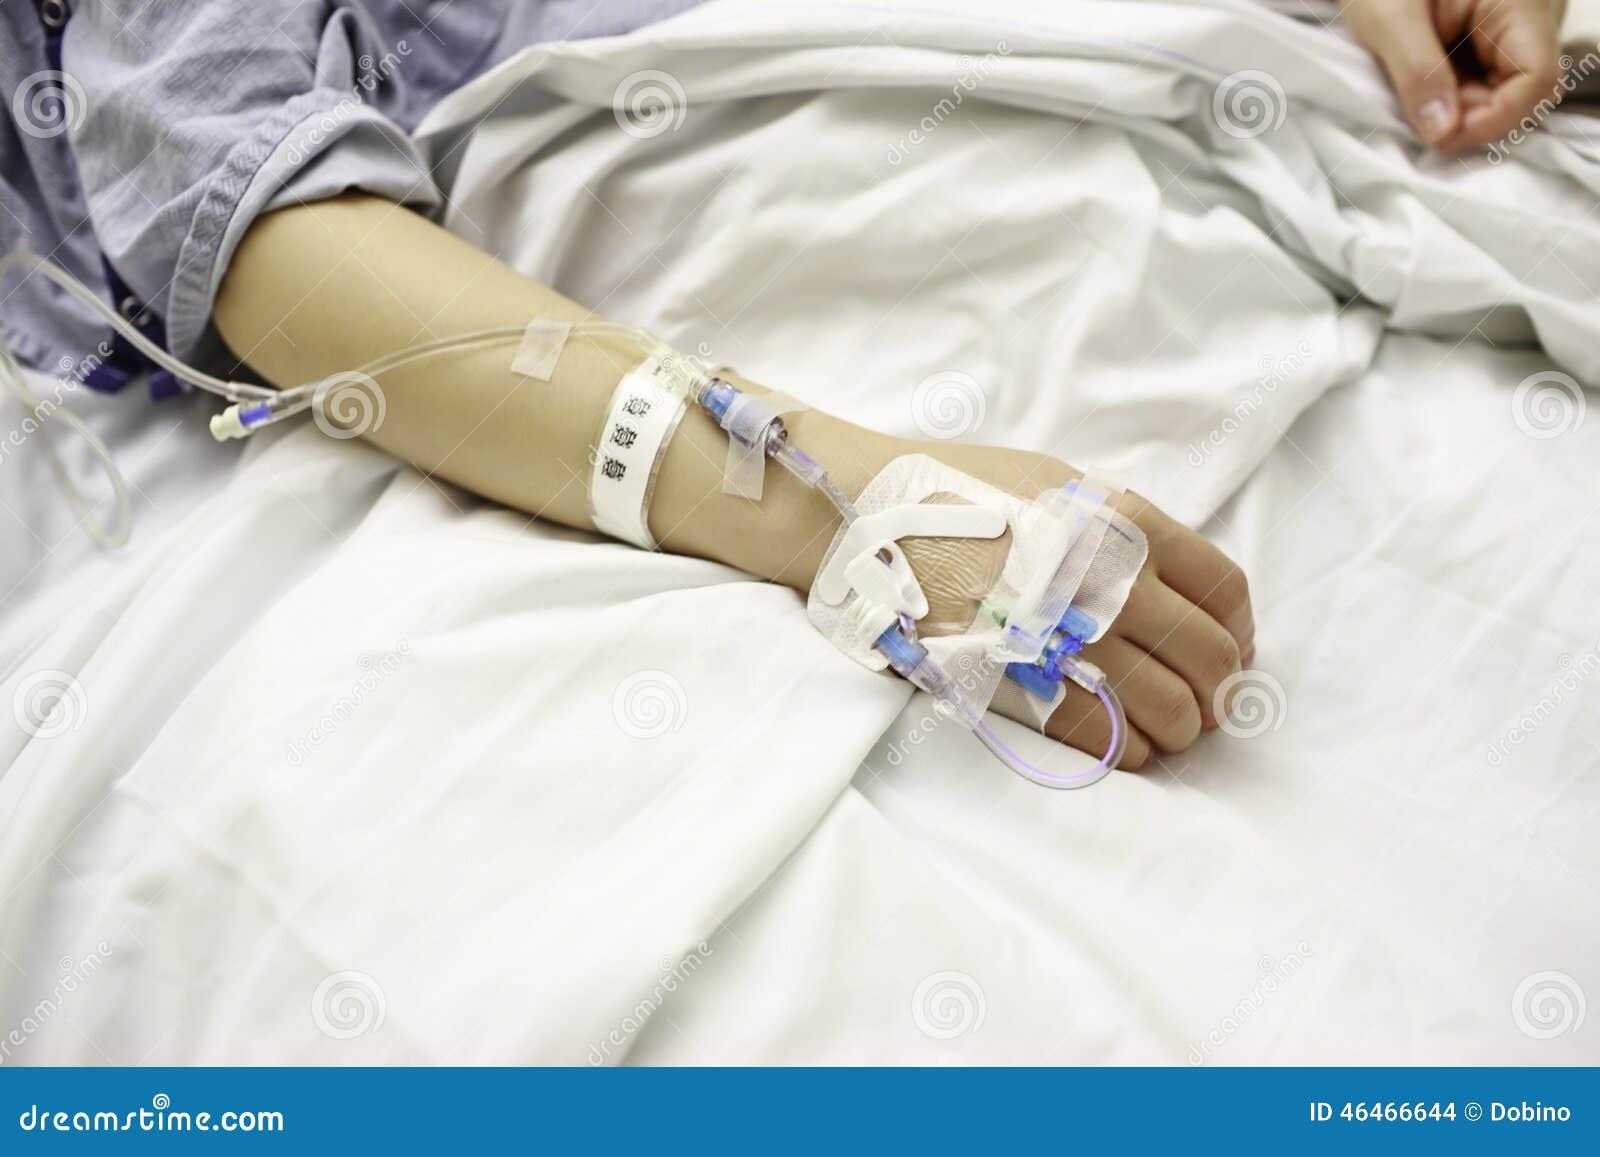 Patient Mit Iv Linien Im Krankenhaus Bett Stockfoto Bild